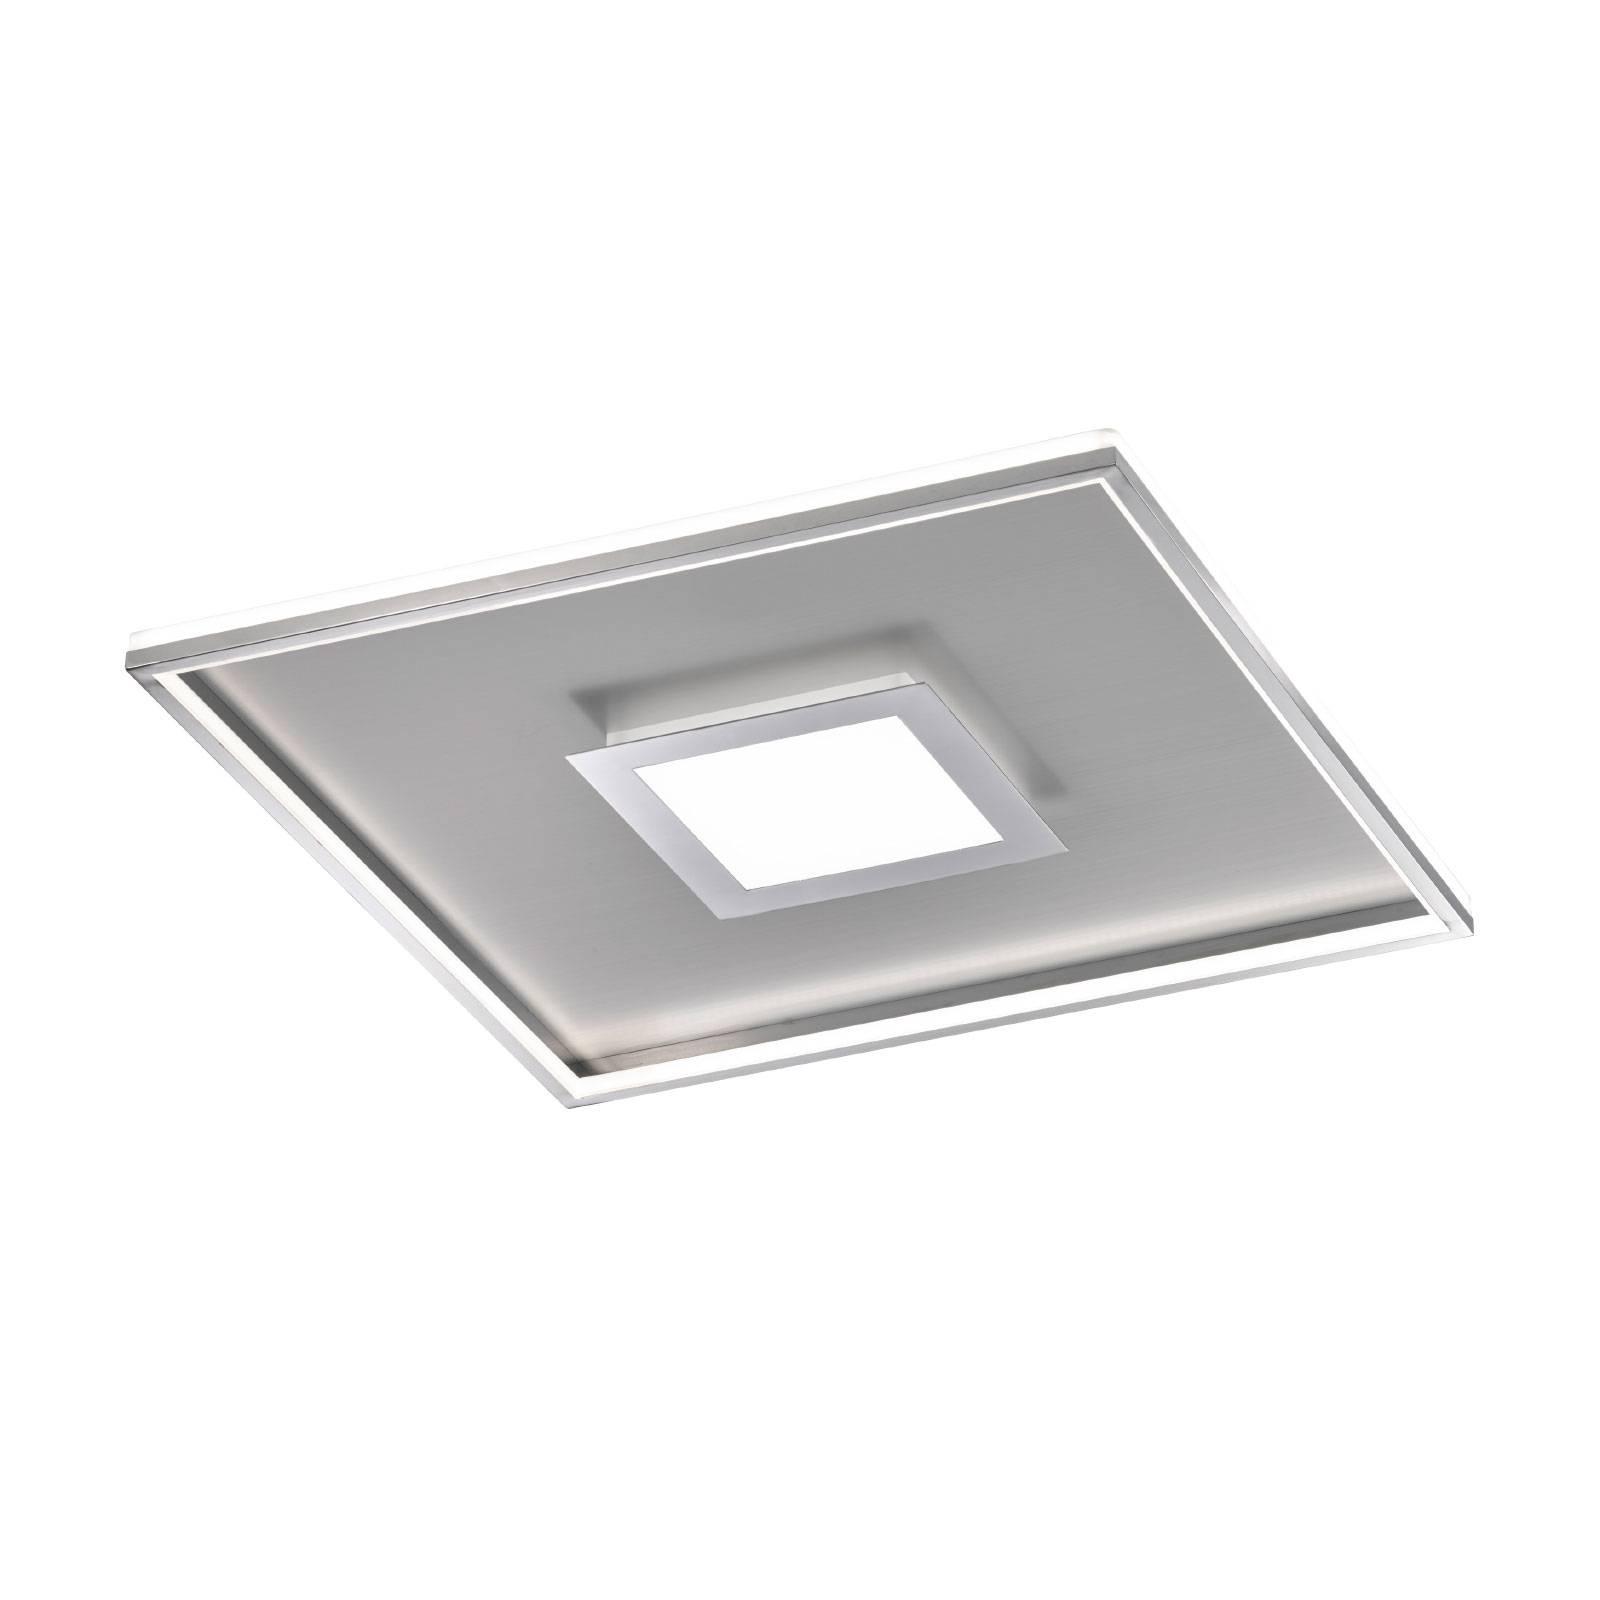 LED-kattovalaisin Zoe, neliönmuotoinen, 60 x 60 cm